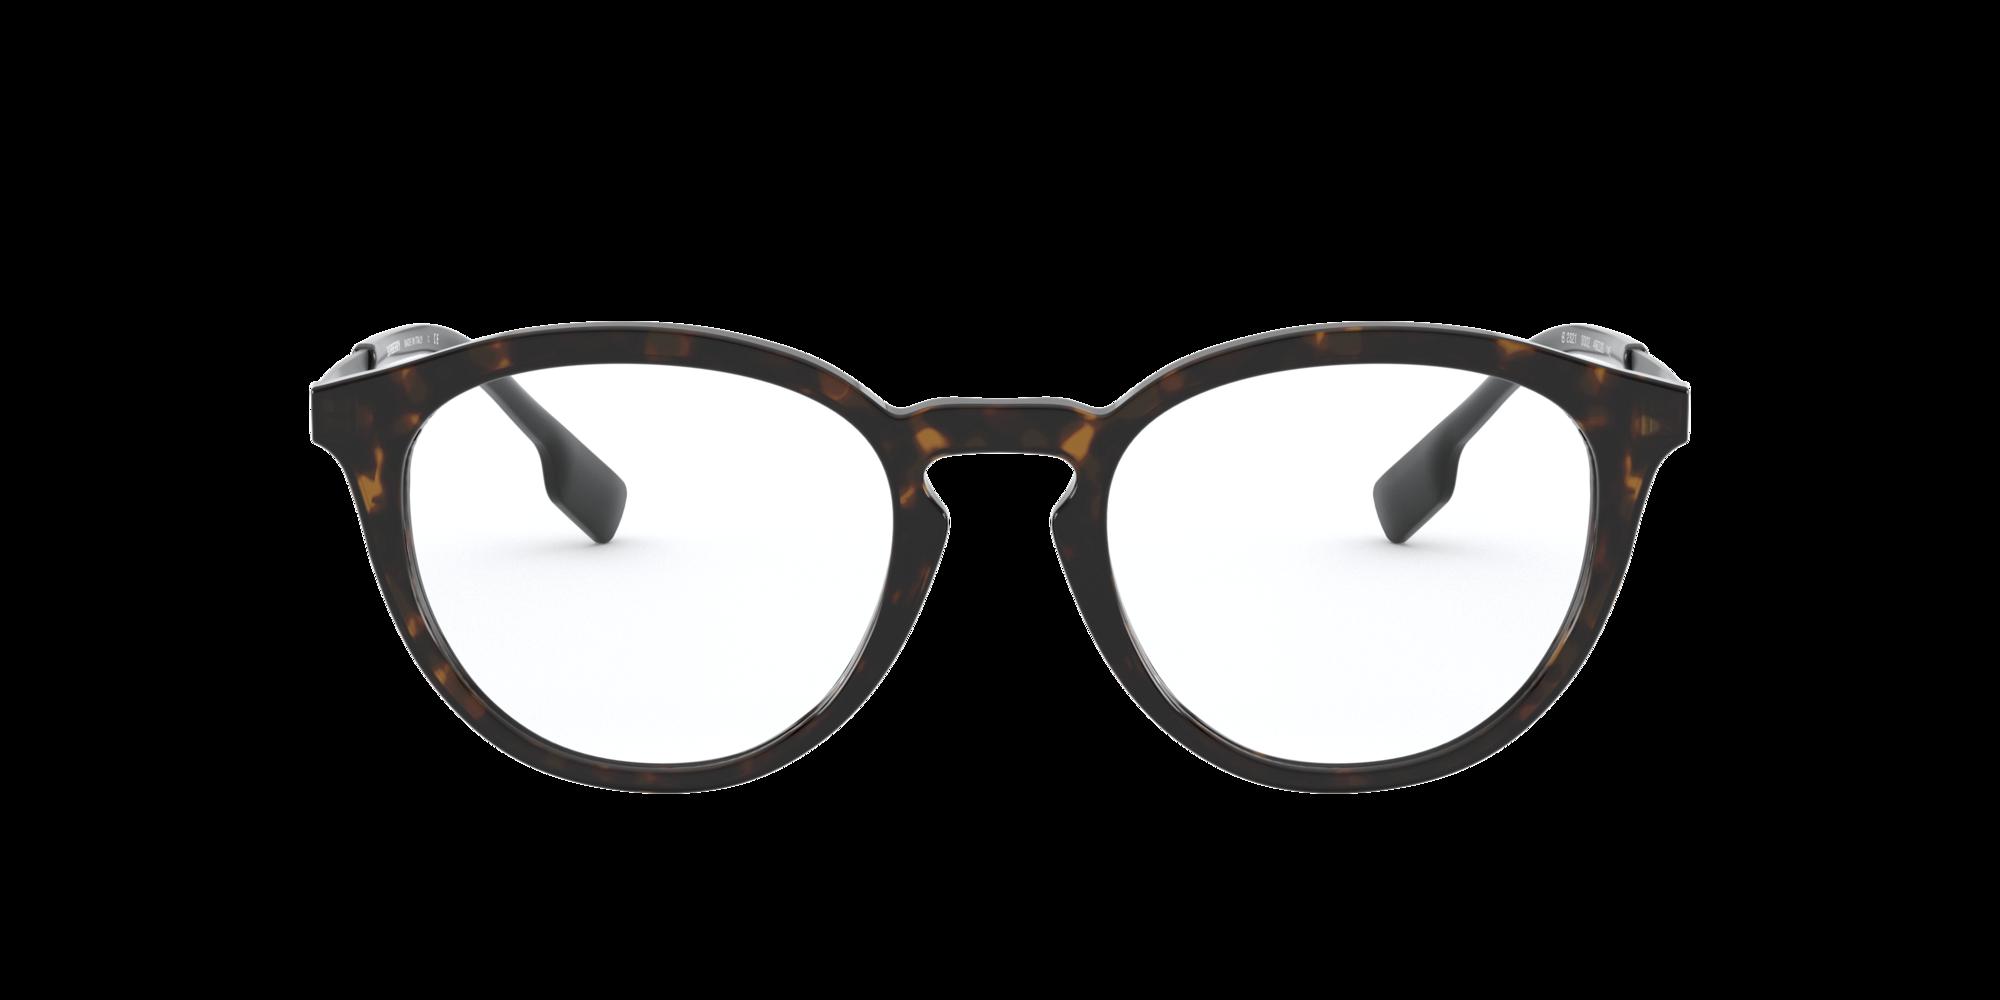 Imagen para KEATS de LensCrafters |  Espejuelos, espejuelos graduados en línea, gafas